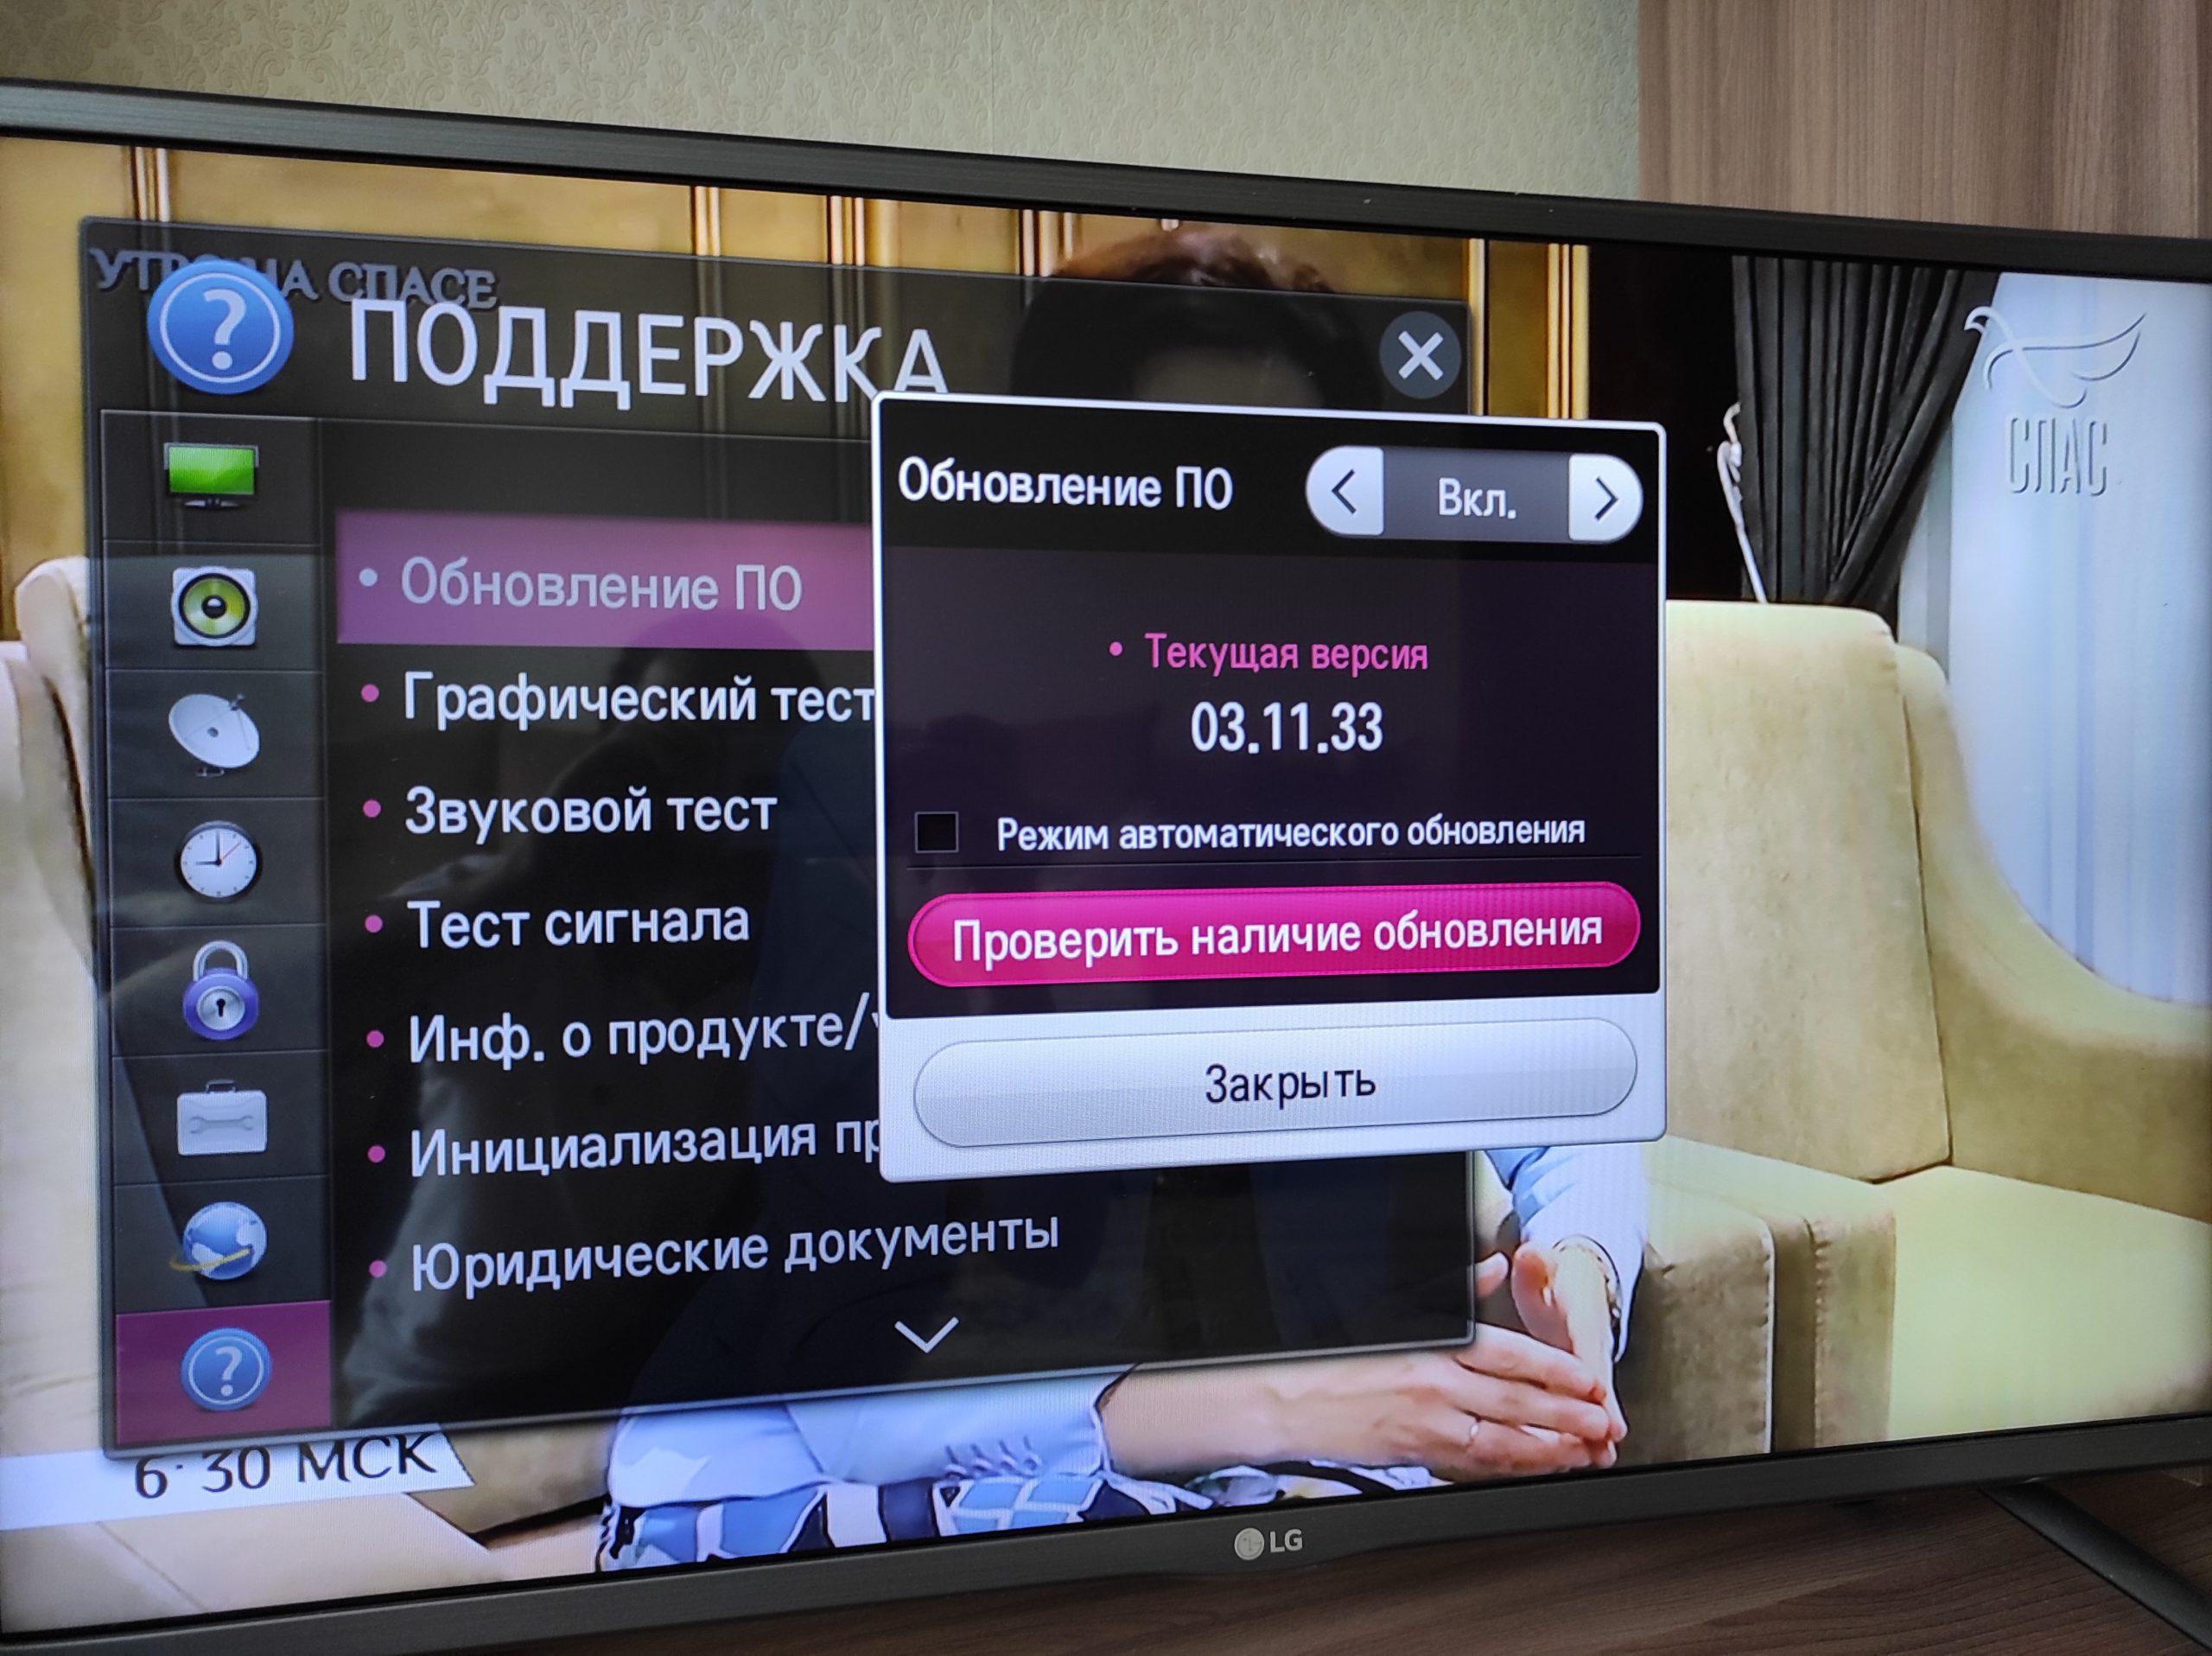 Обновление телевизора LG через интернет